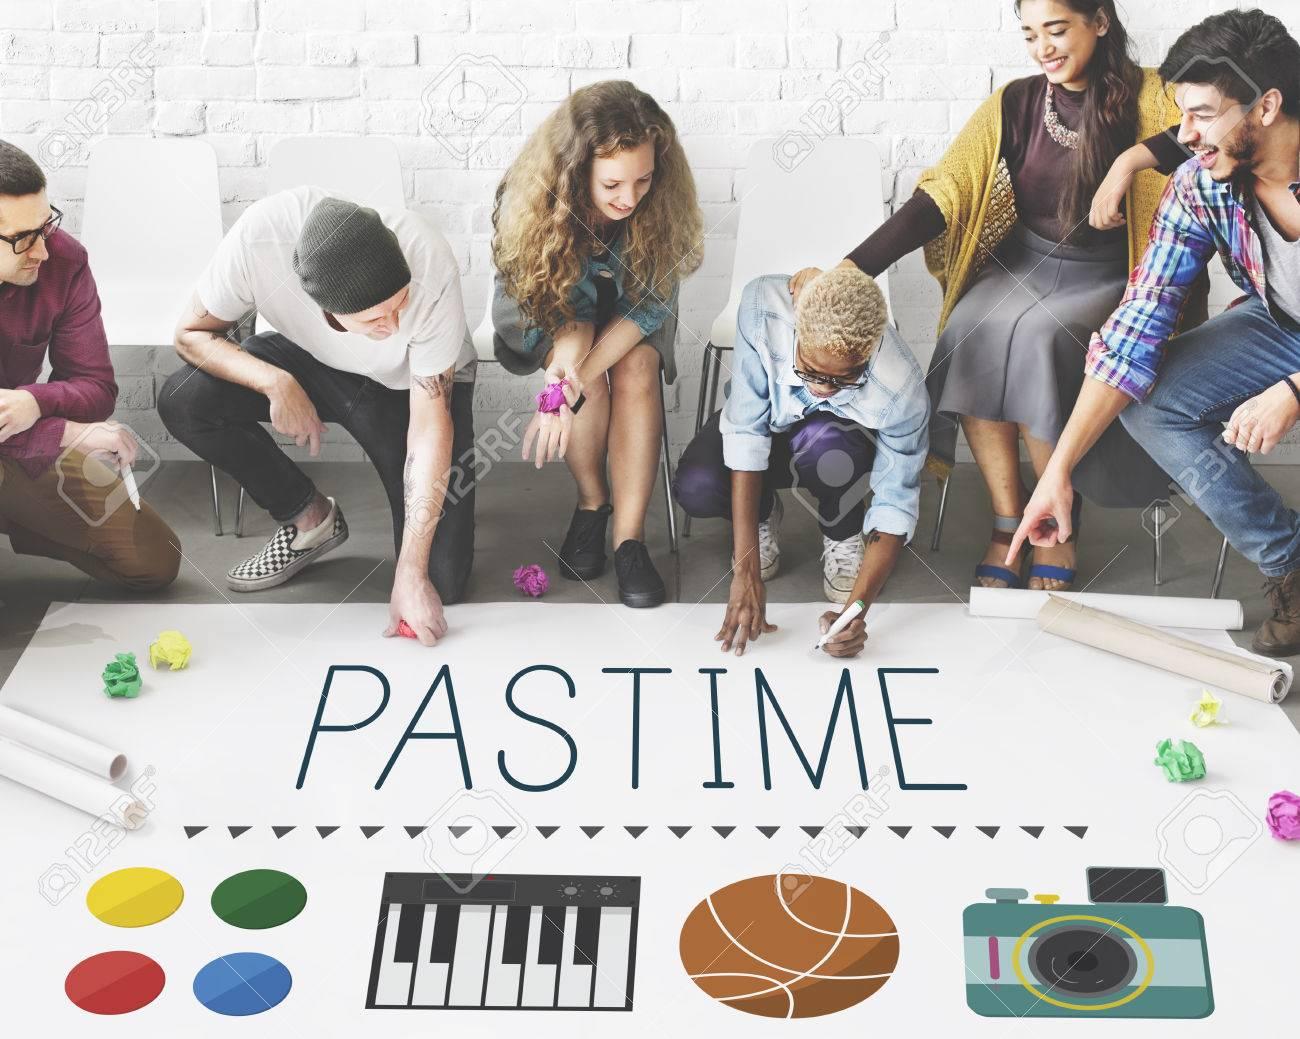 pastime pleasure passion activity hobbies interest concept stock pastime pleasure passion activity hobbies interest concept stock photo 58604790